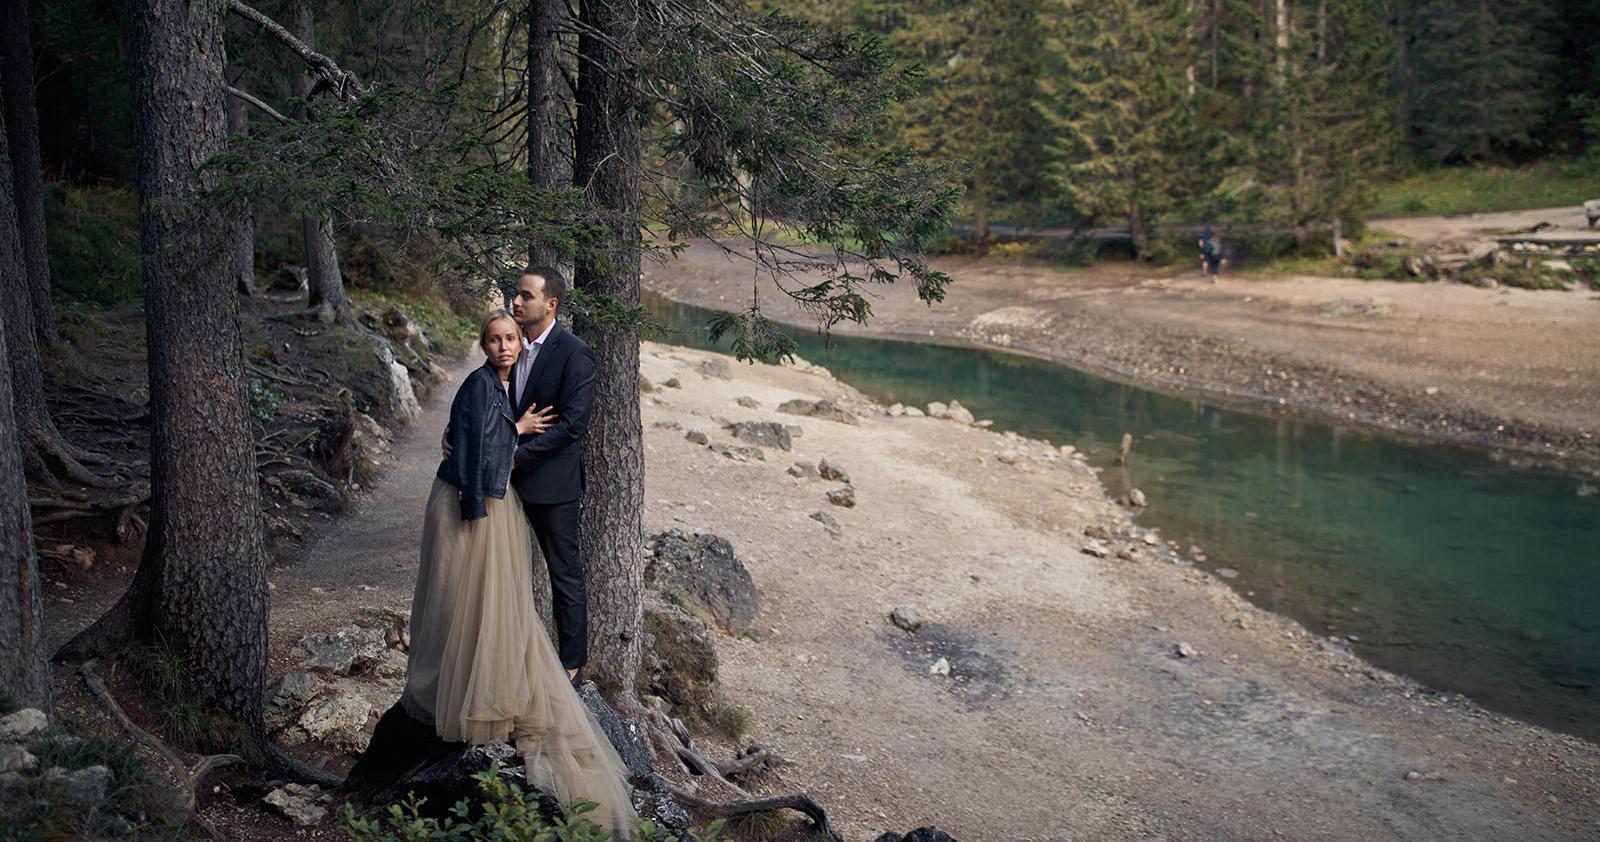 Свадьба на озере Брайес с церемонией в